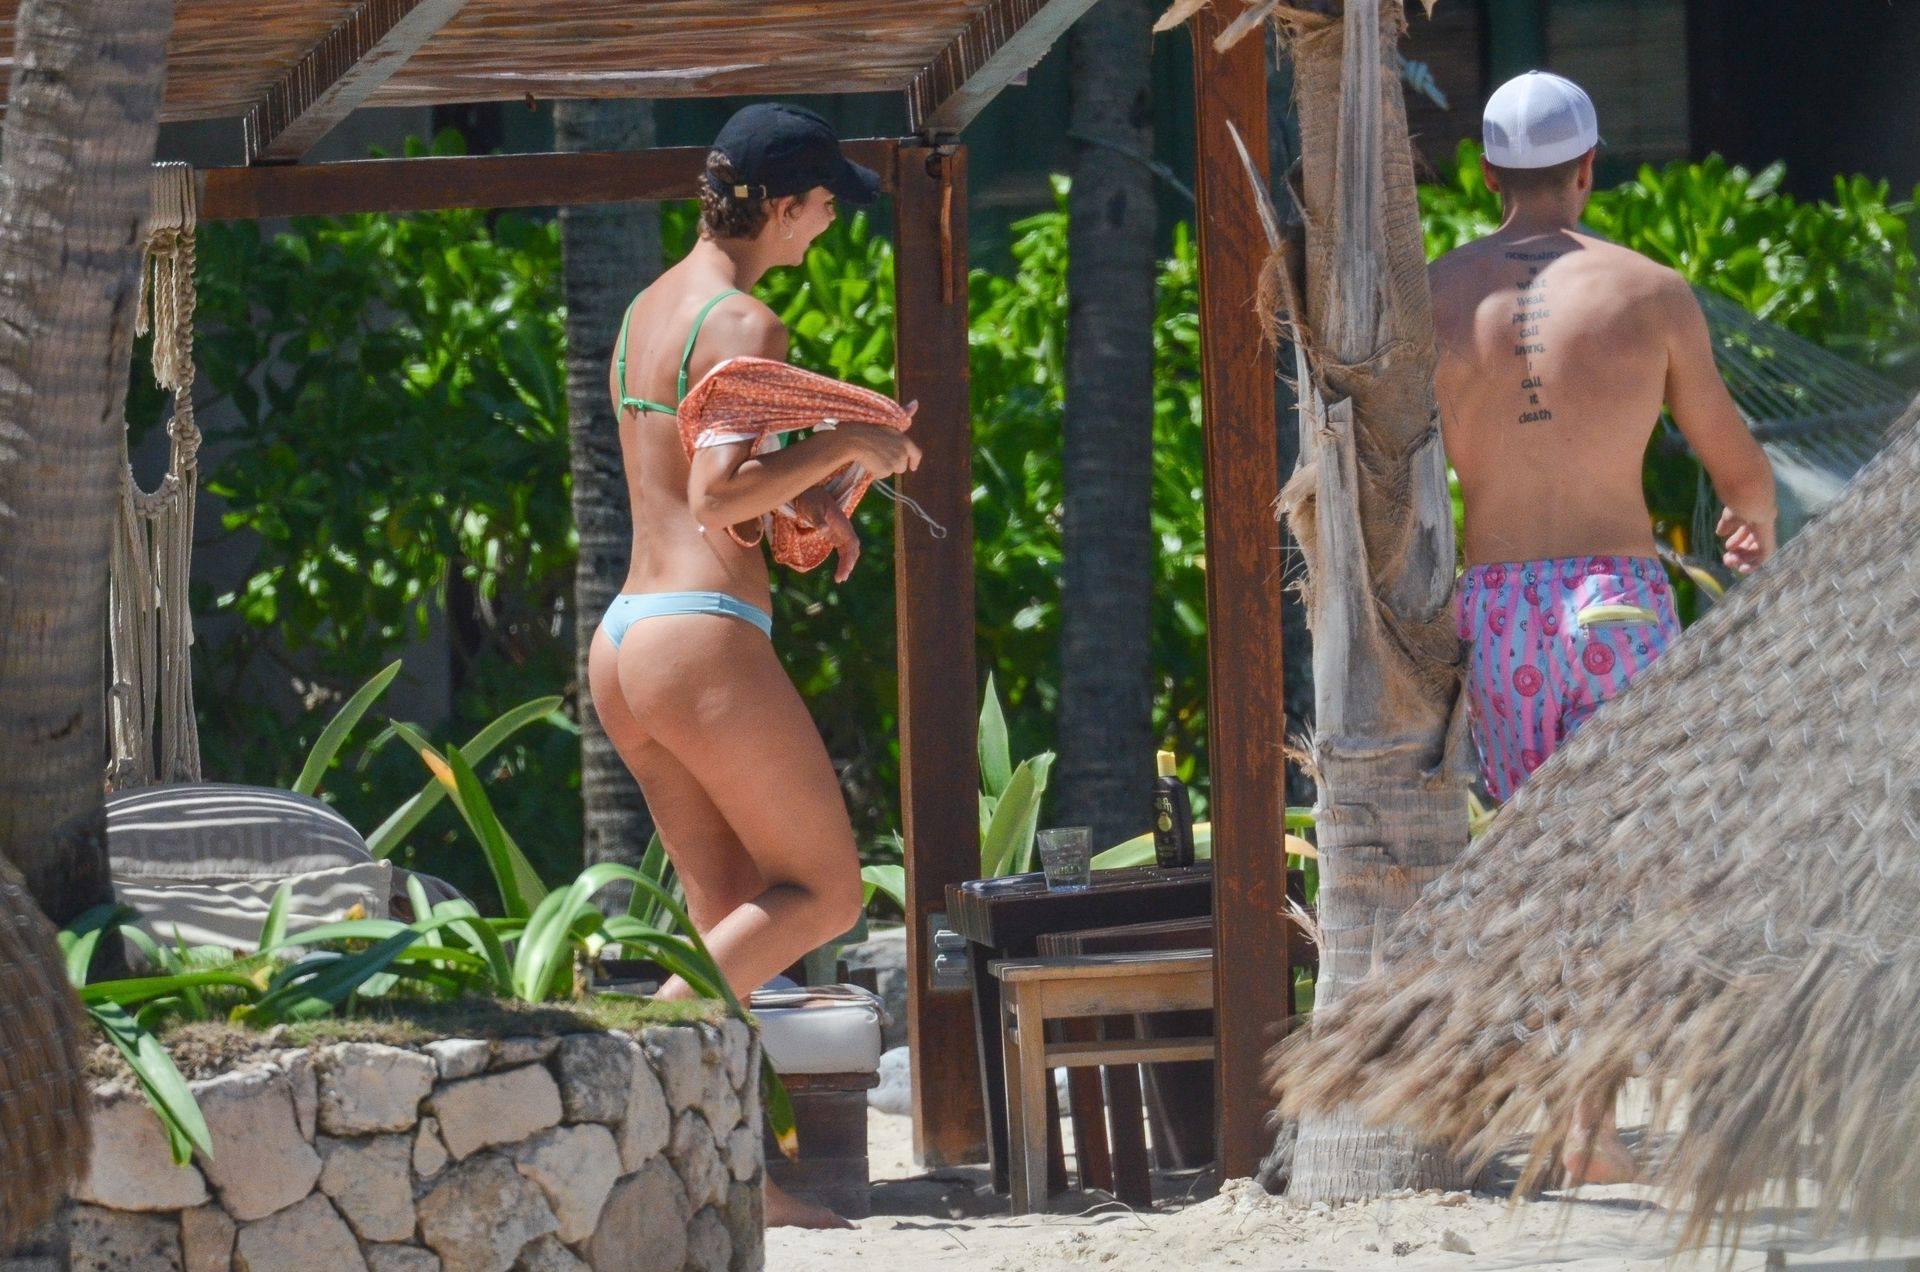 Rachel Cook – Beautiful Ass In Thong Bikini In Mexico 0012